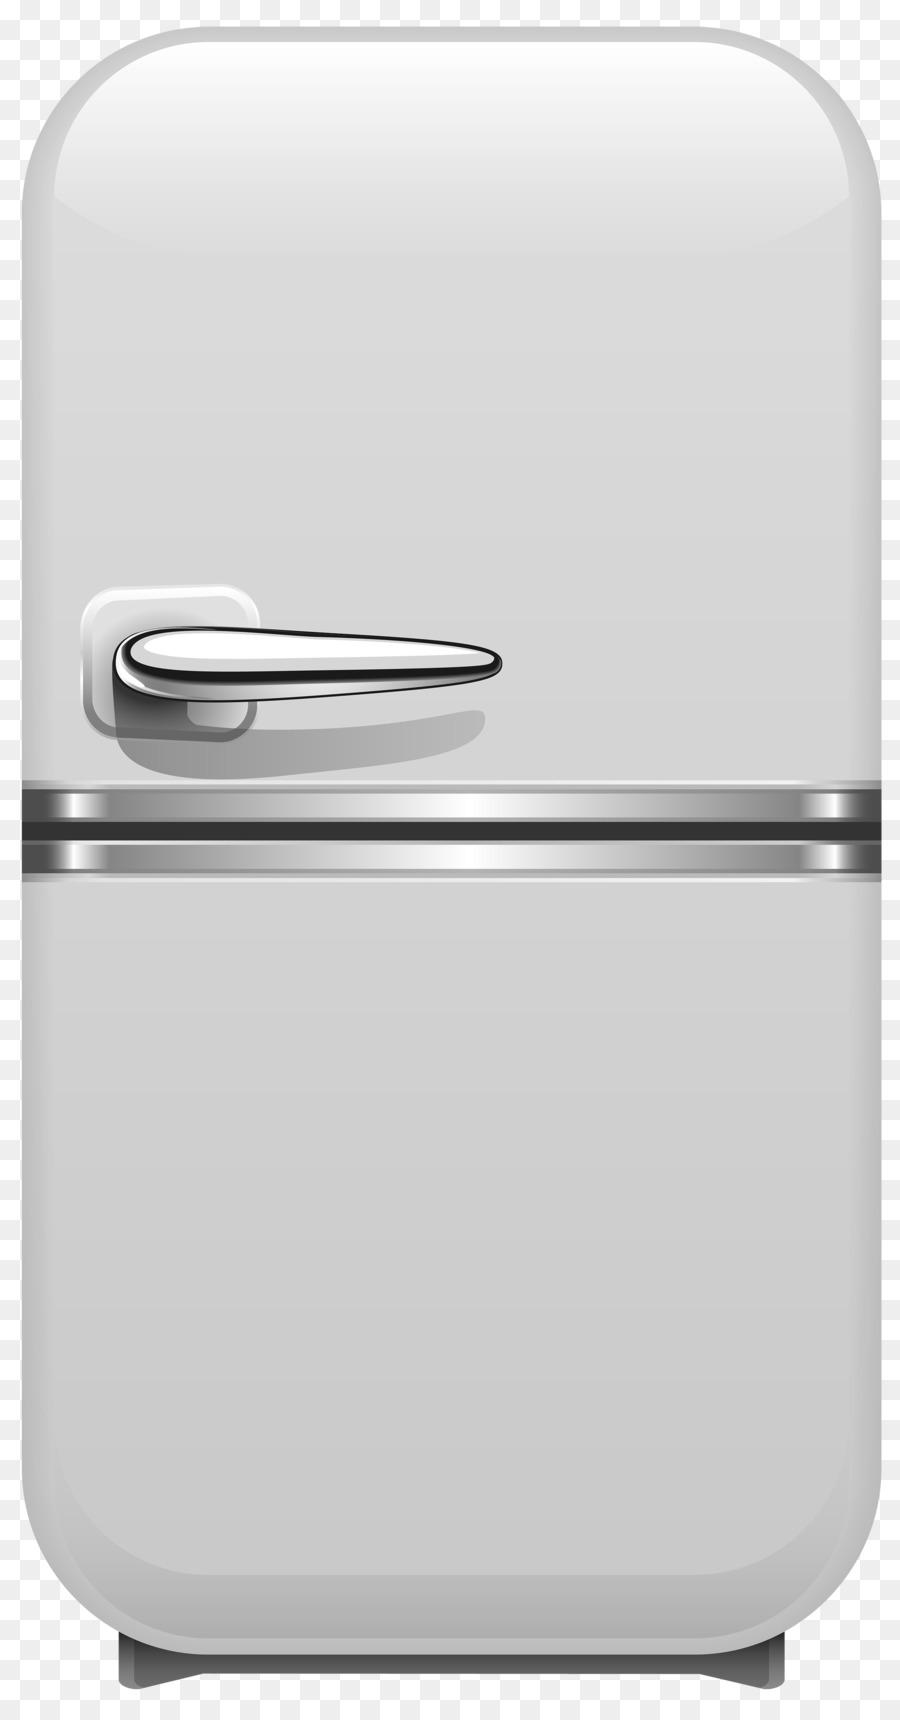 подобранные векторные картинки для холодильника проходил